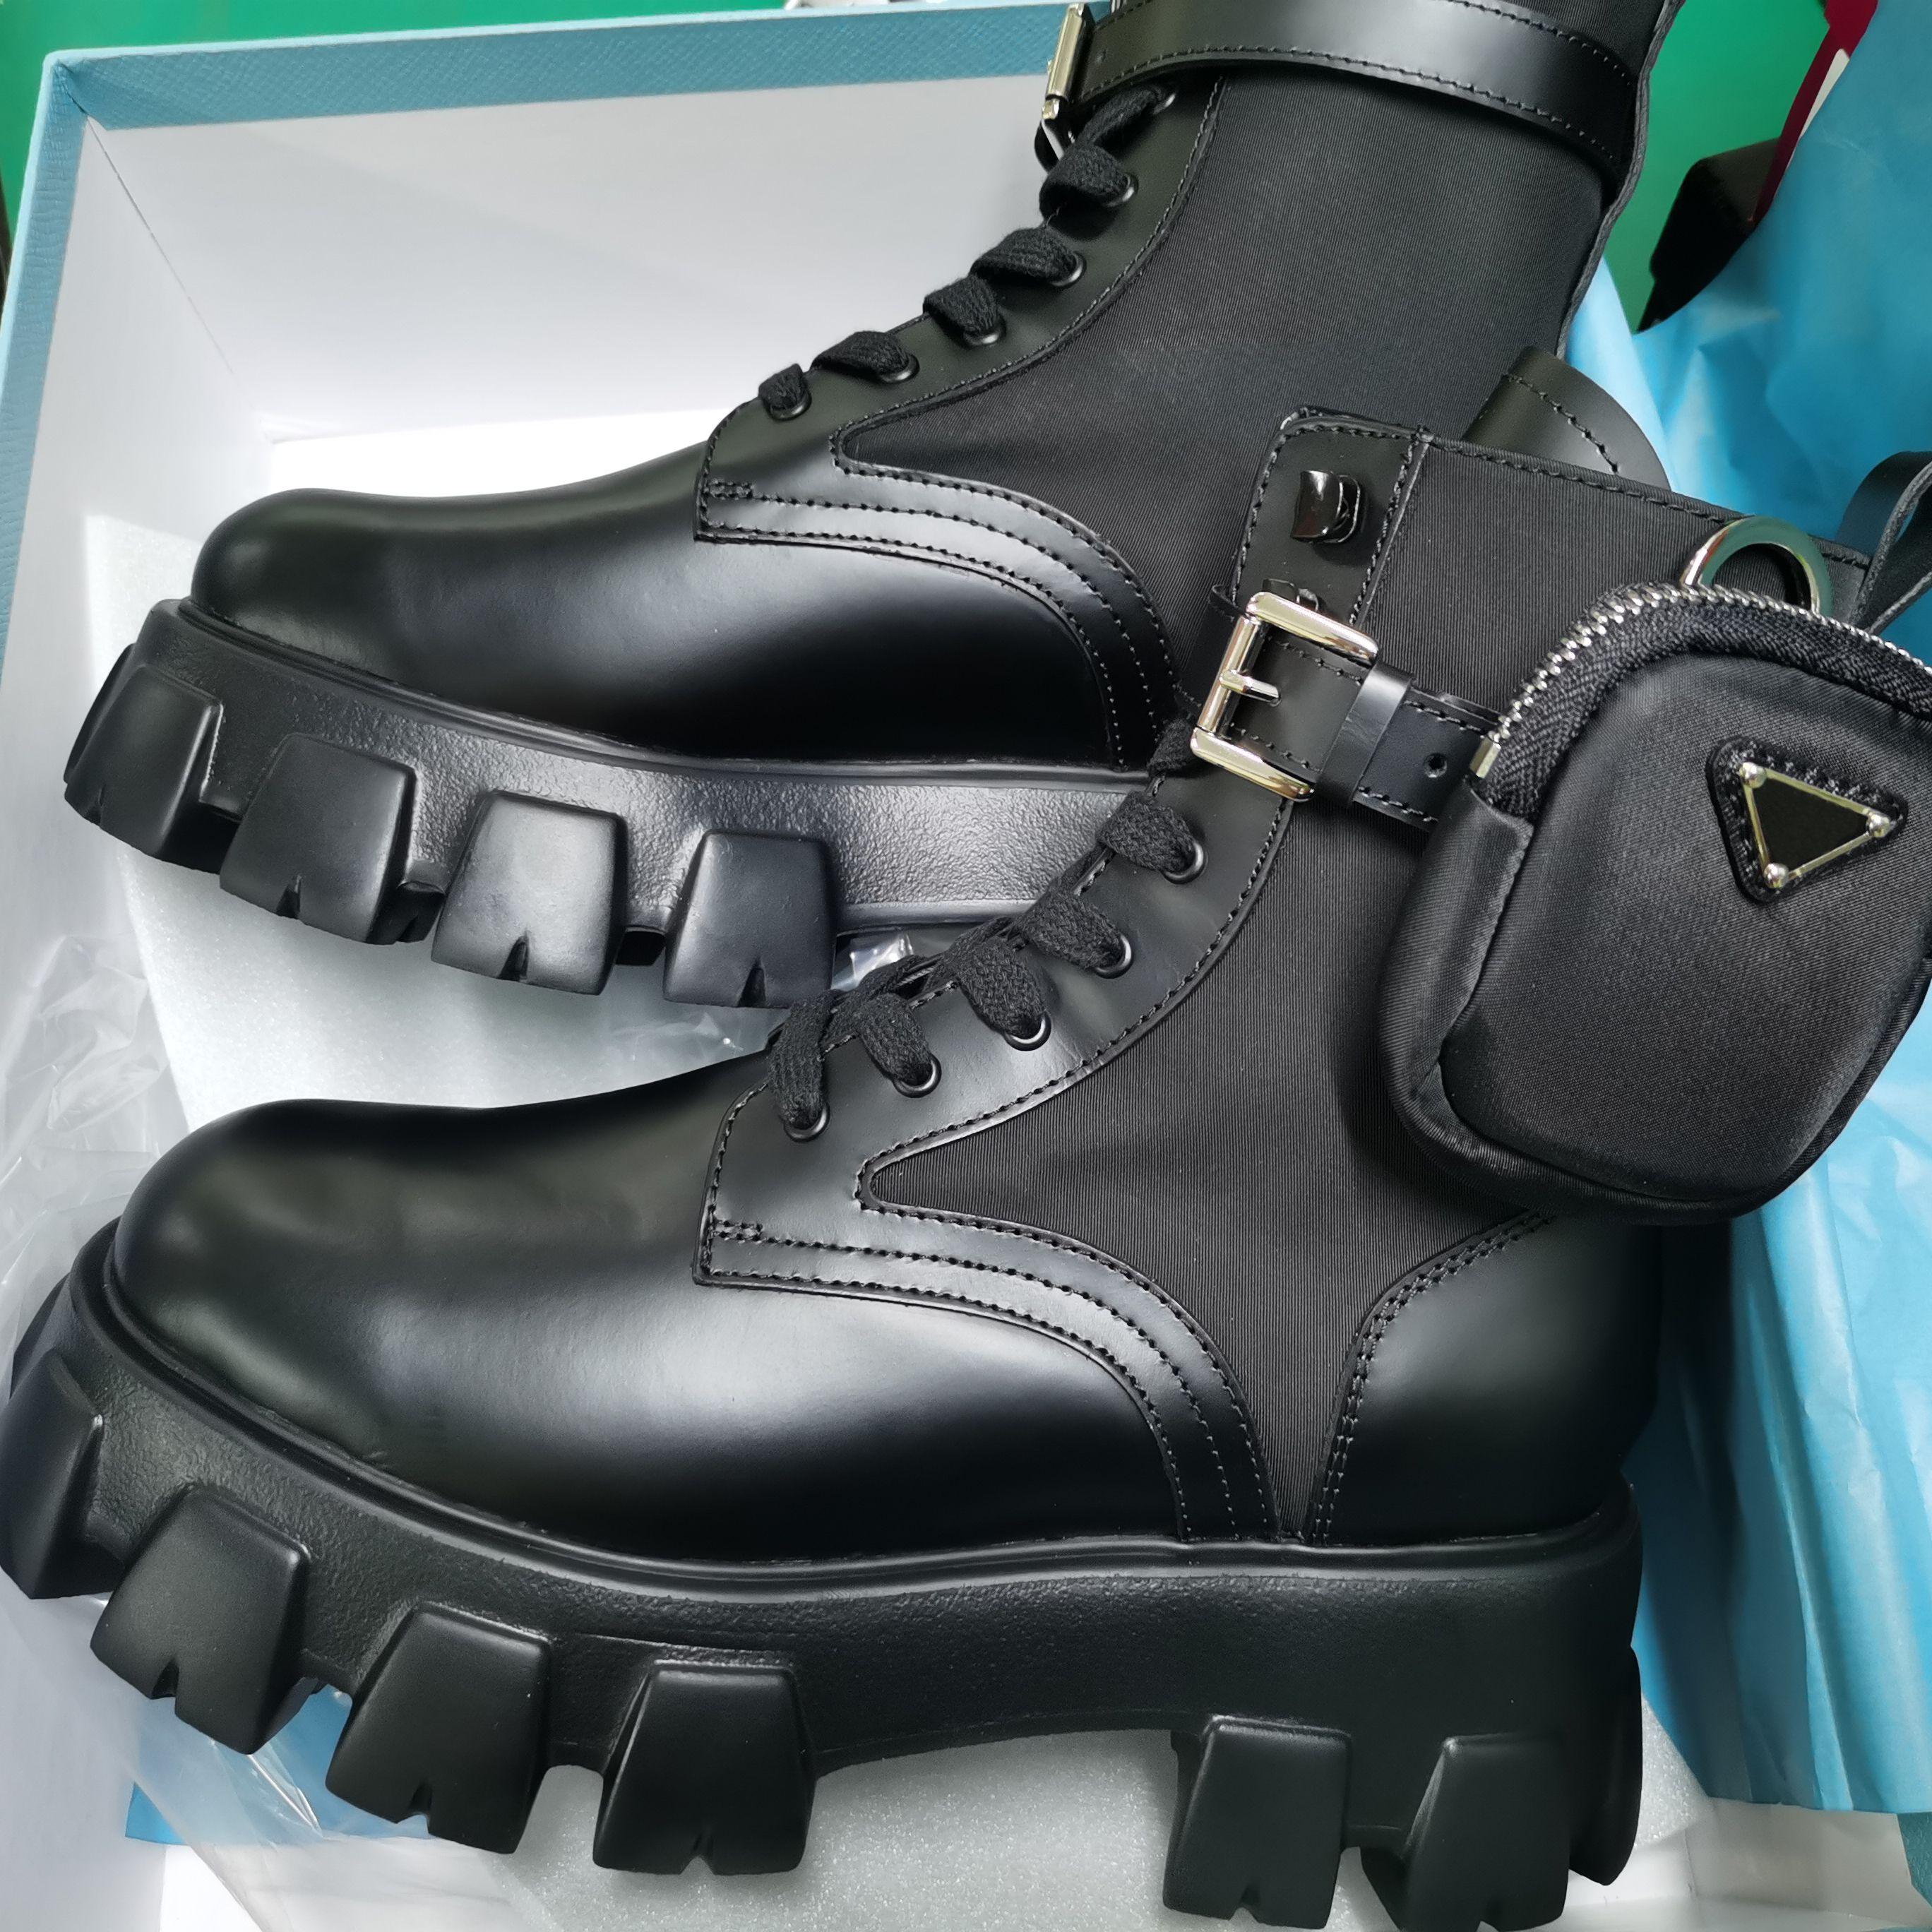 2020 Rois Stiefel Nylon Derby Knöchel Martin Stiefel Frauen Kampflederschuhe Combat Boots Schwarz Gummisohle Plattform-Schuhe Nylontasche mit dem Kasten